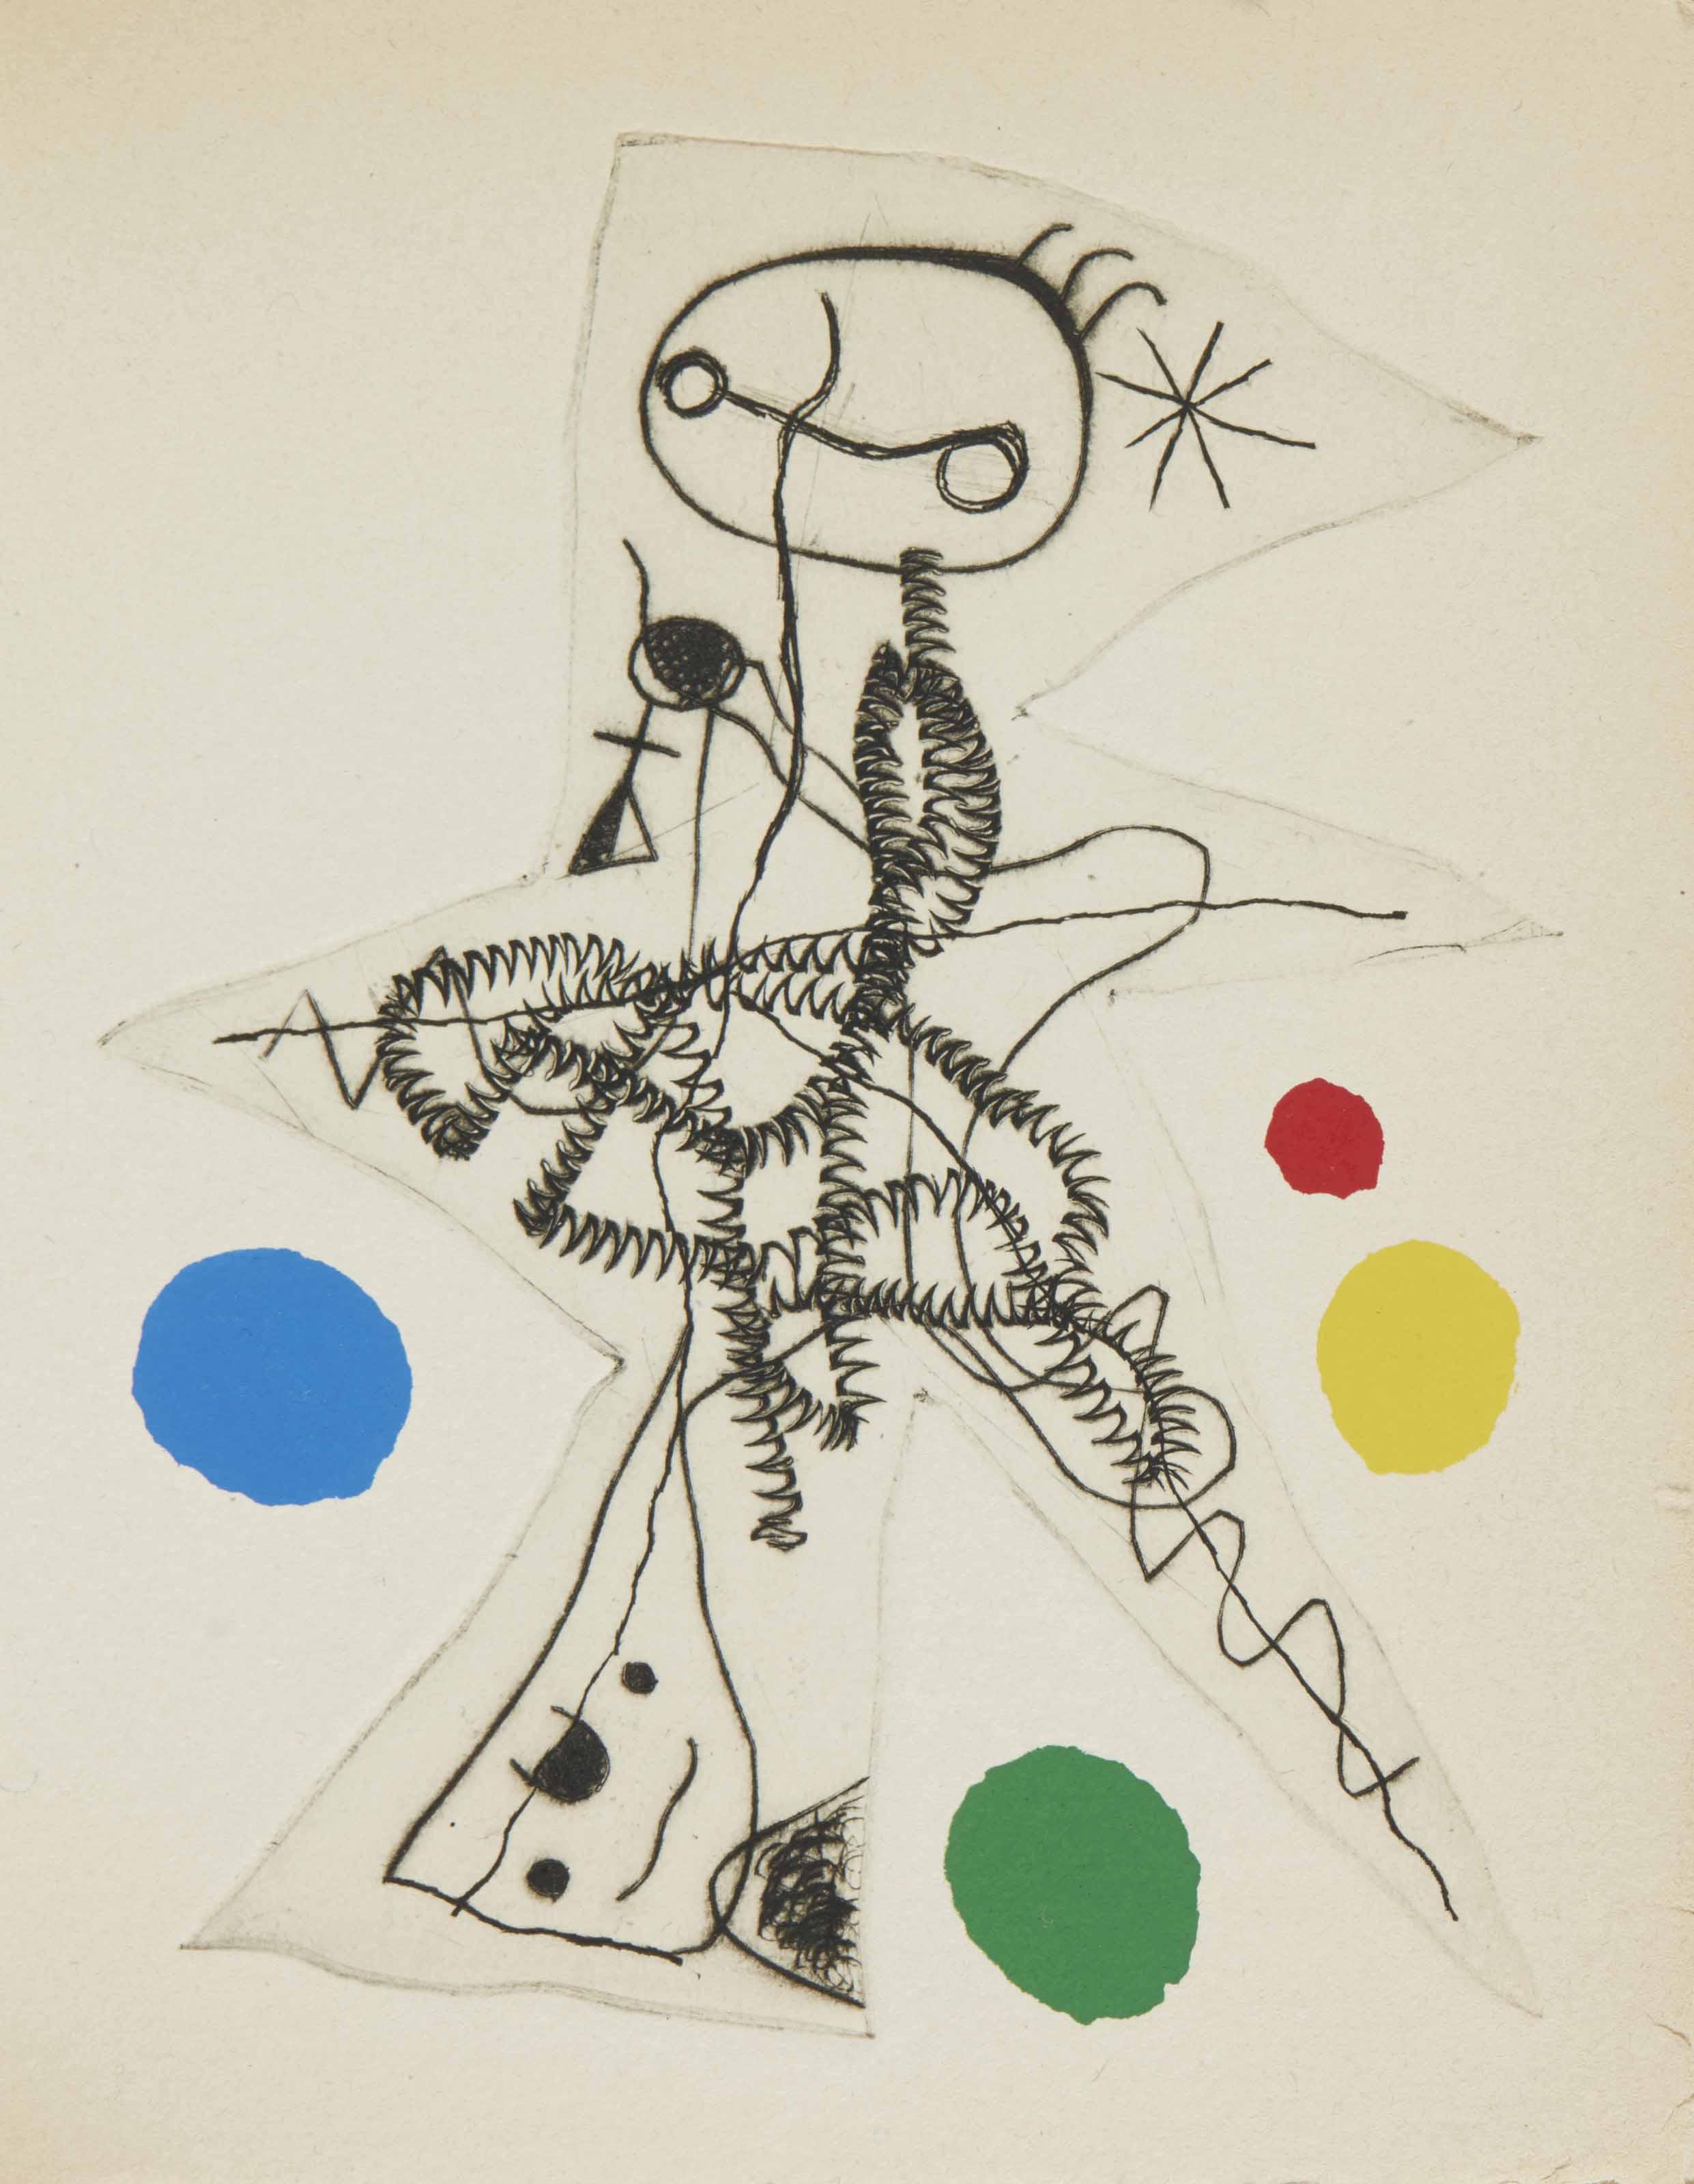 TZARA, Tristan (1896-1963) - ERNST, Max (1891-1976) - MIRO, Joan (1893-1983) - TANGUY, Yves (1900-1955). L'Antitête. I: Monsieur Aa l'Antiphilosophe. II: Minuits pour géants. III: Le Désespéranto. Paris: Bordas, 1949.